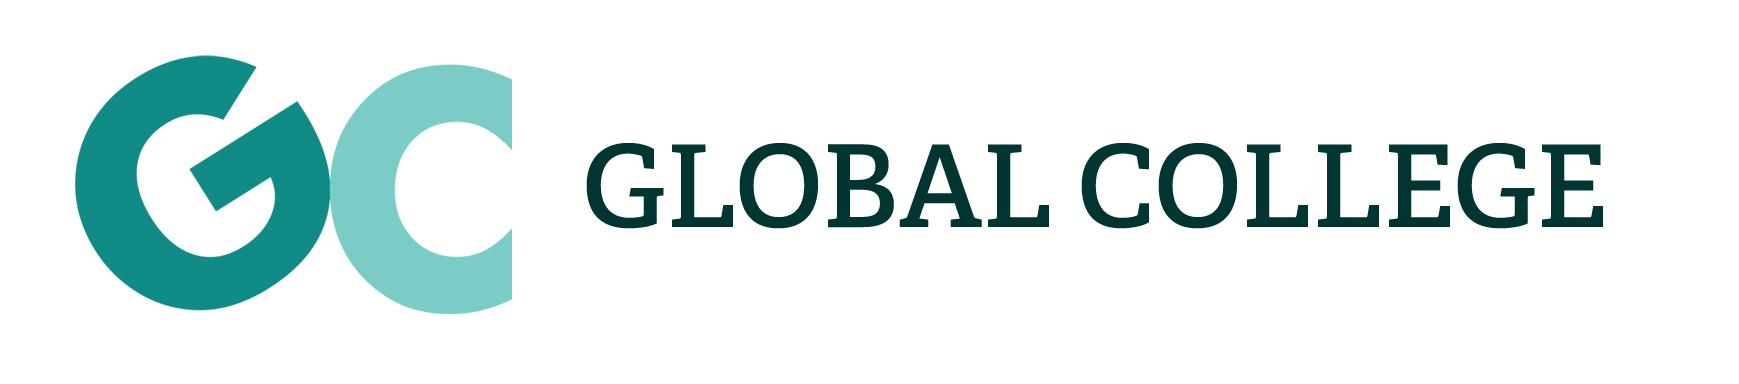 Gc Logo head